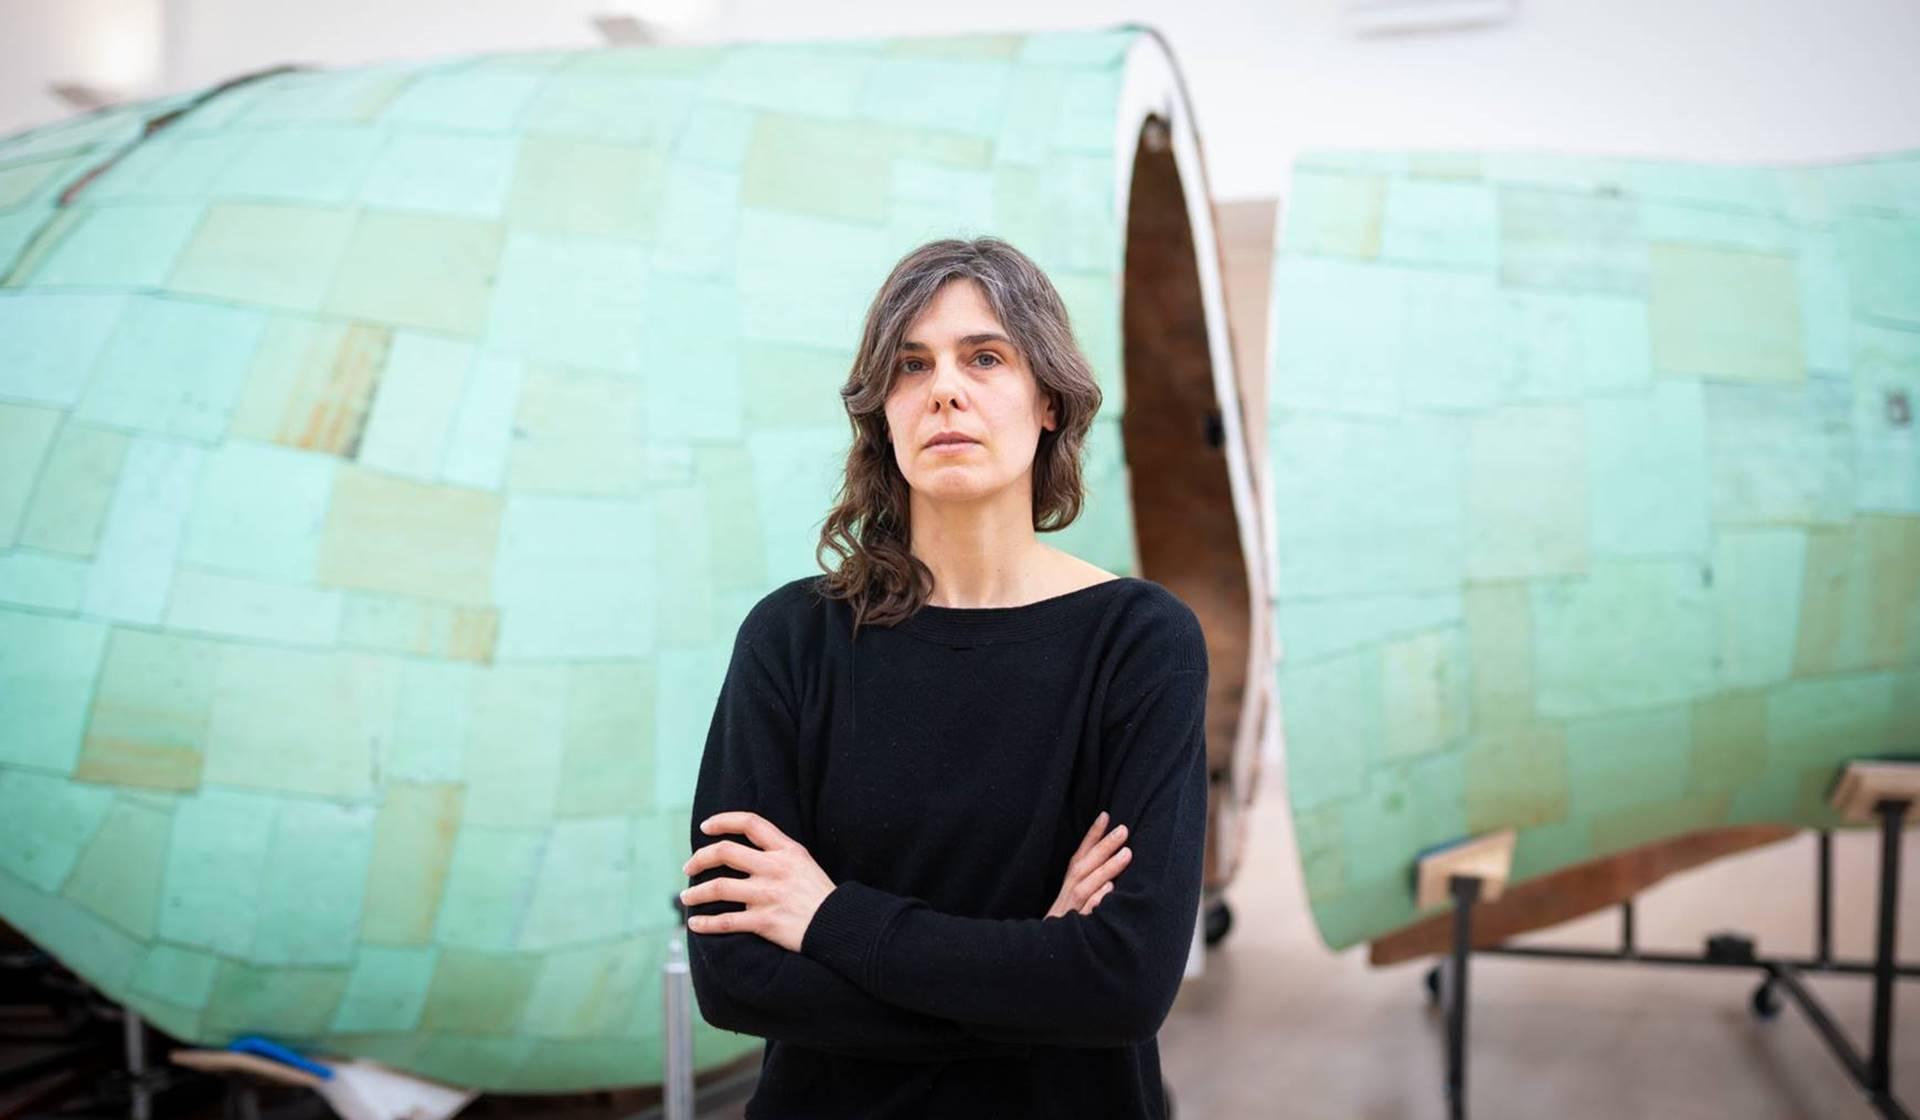 La artista Katinka Bock. Foto: Moritz Frankenberg